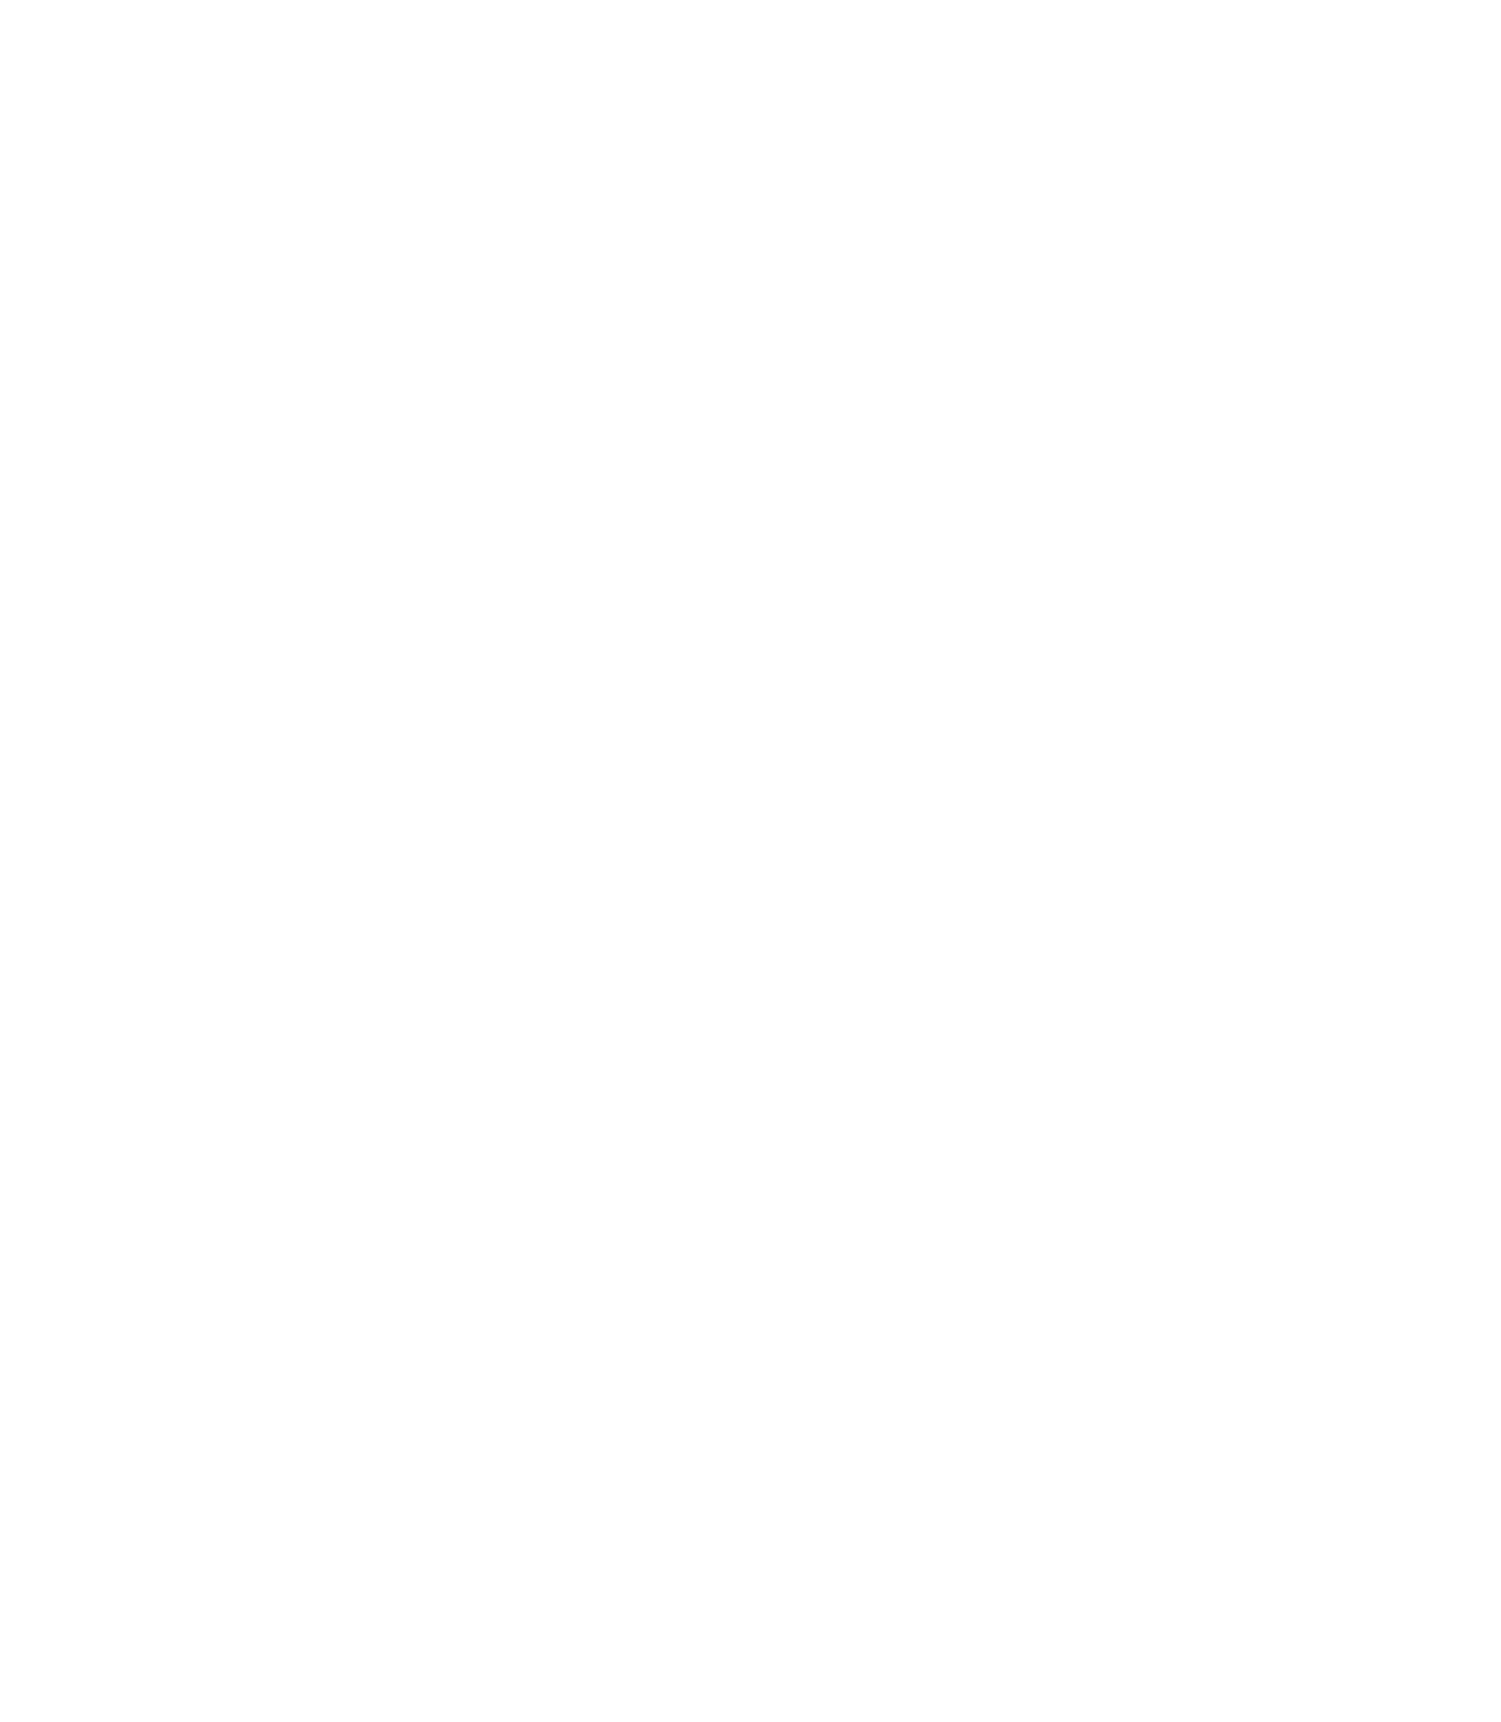 Swefit logo 500 px@3x